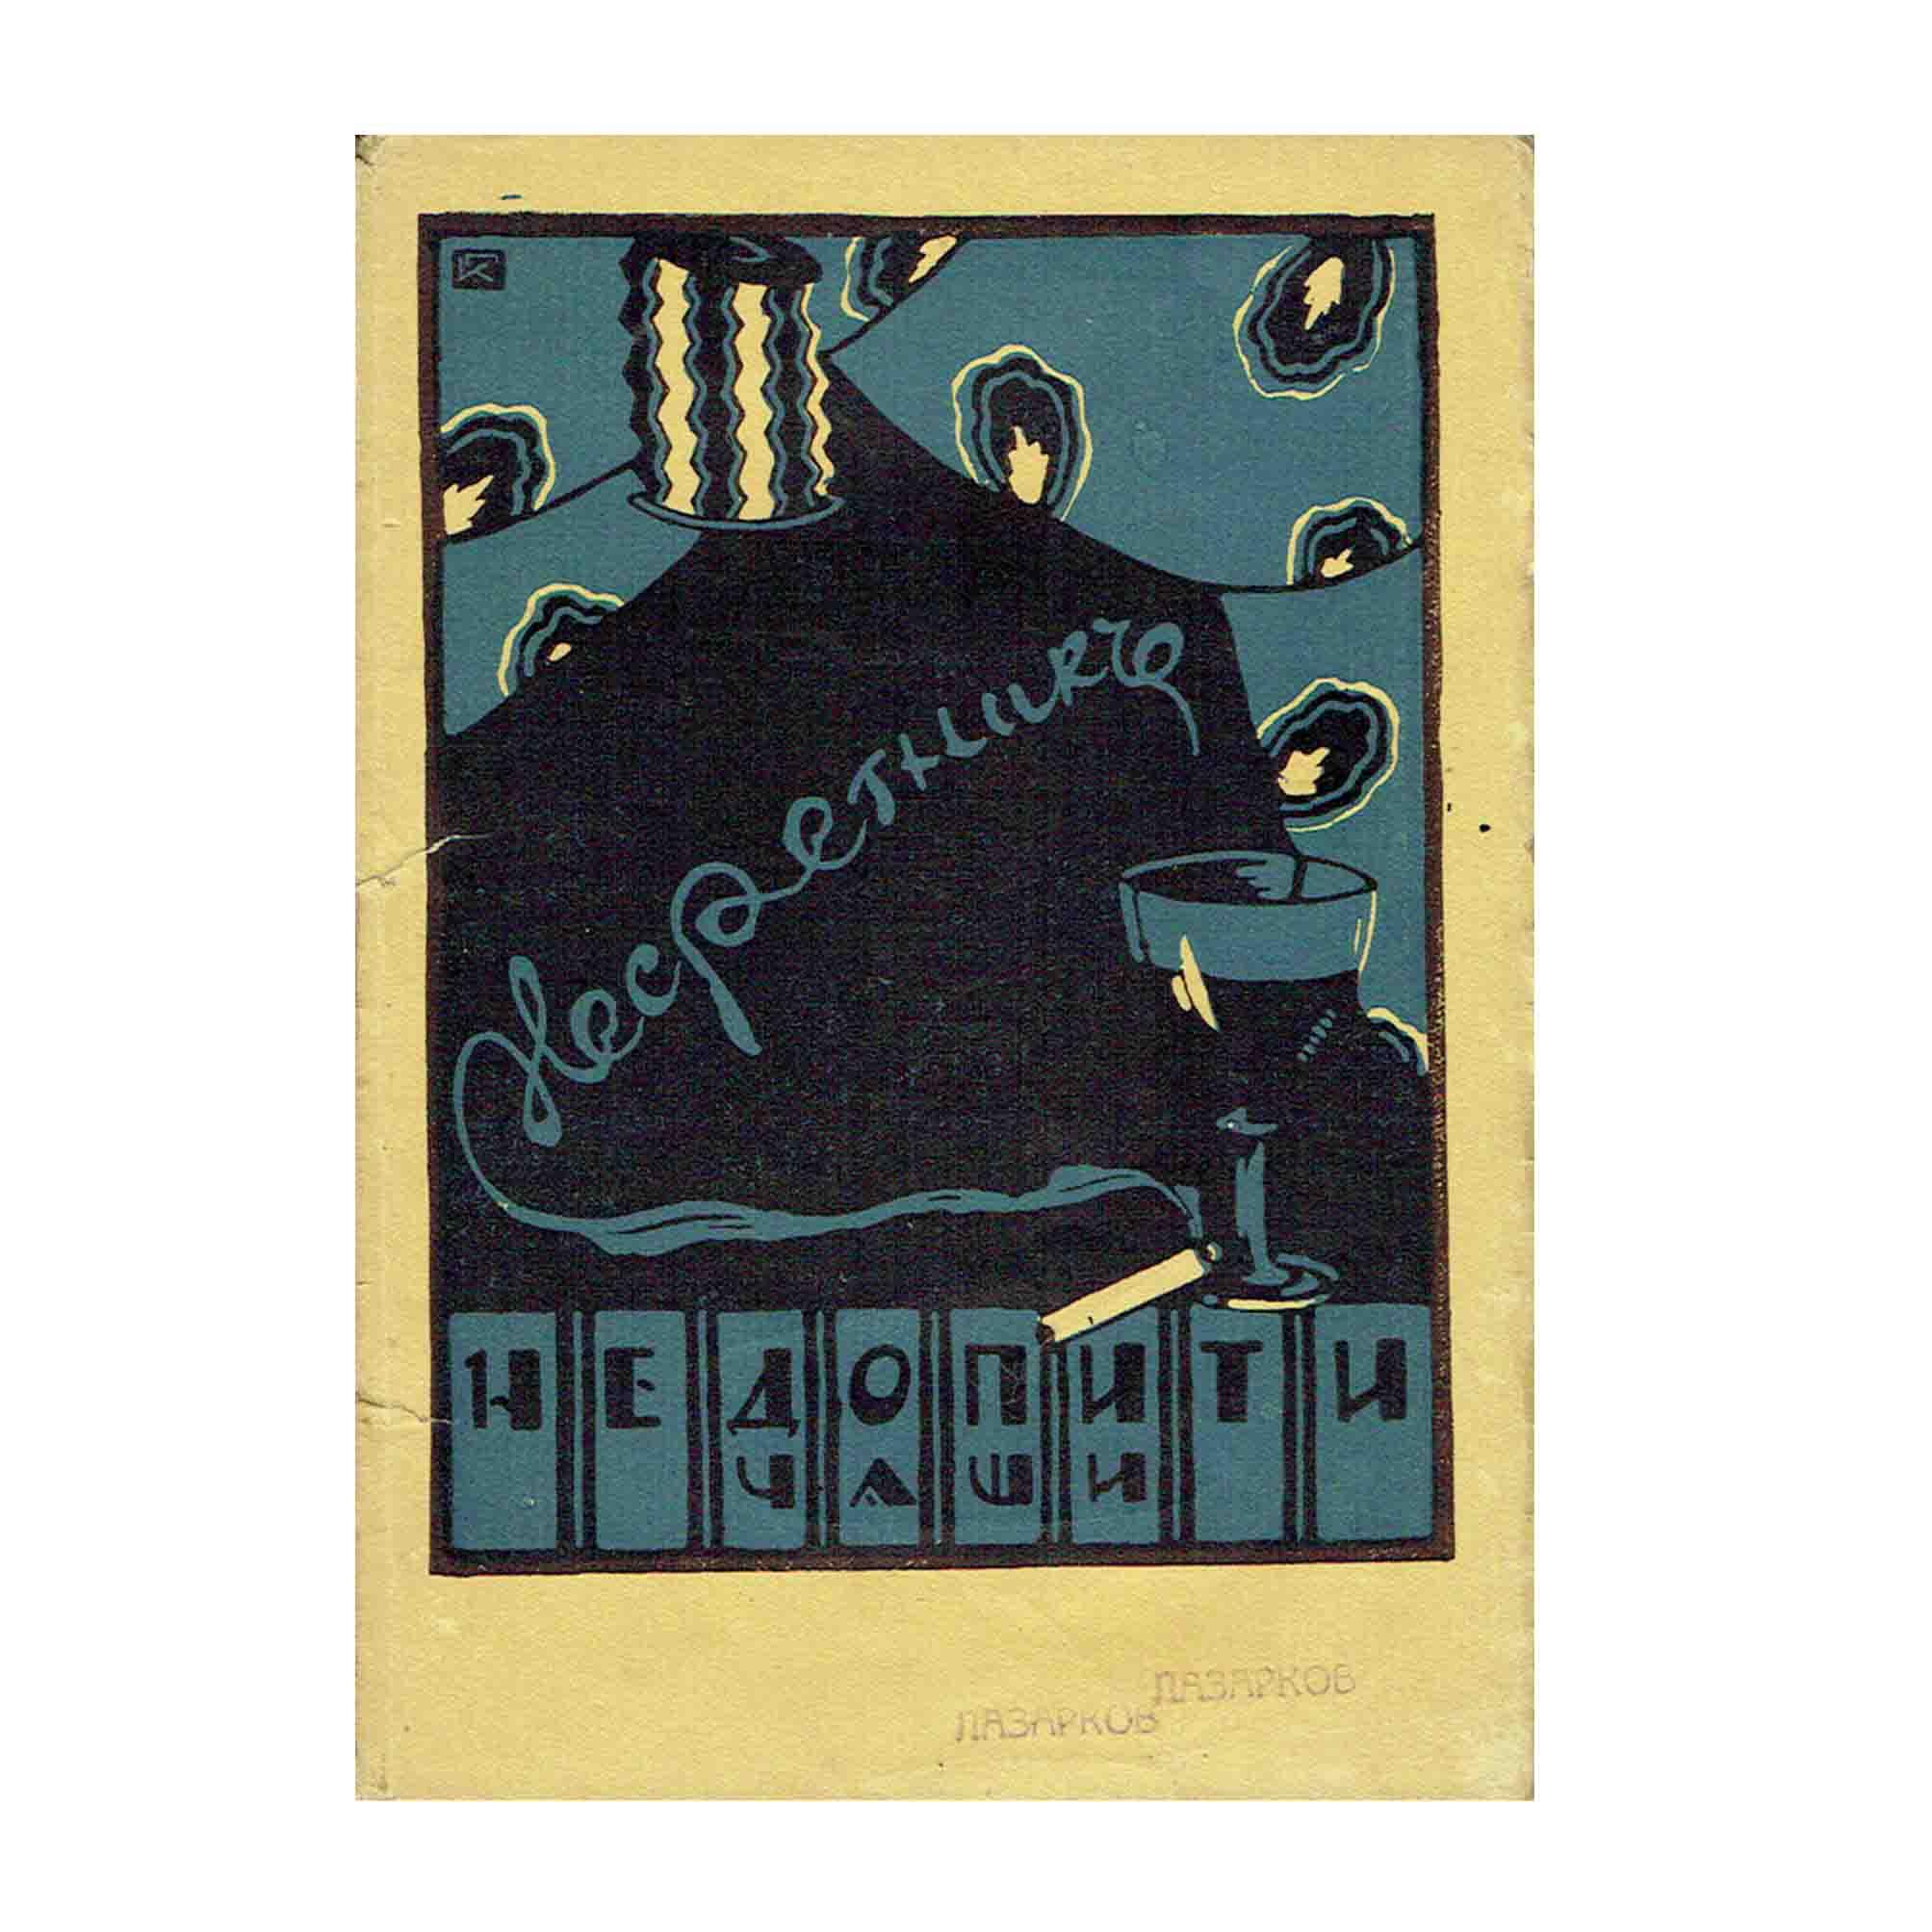 5857-Dyankov-Karakashev-Nedopiti-Chashi-1929-Umschlag-N.jpeg